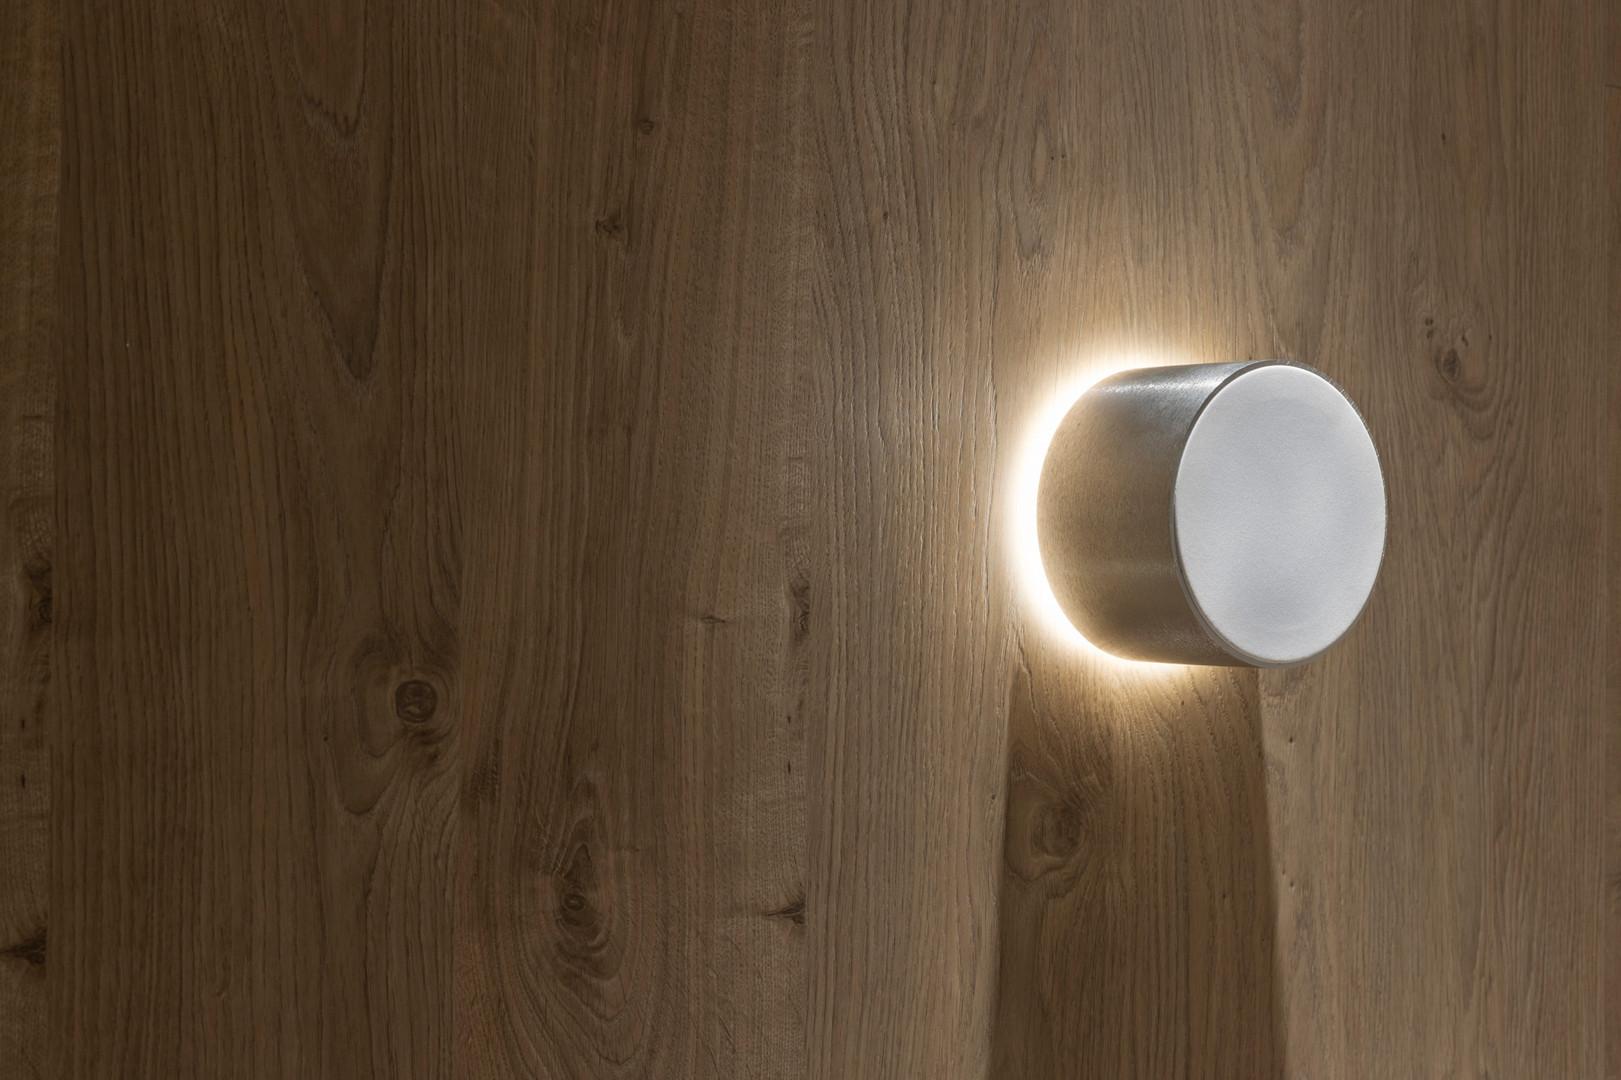 Alto-falante Magna Audio - Aura 3 Natural escovado com luz